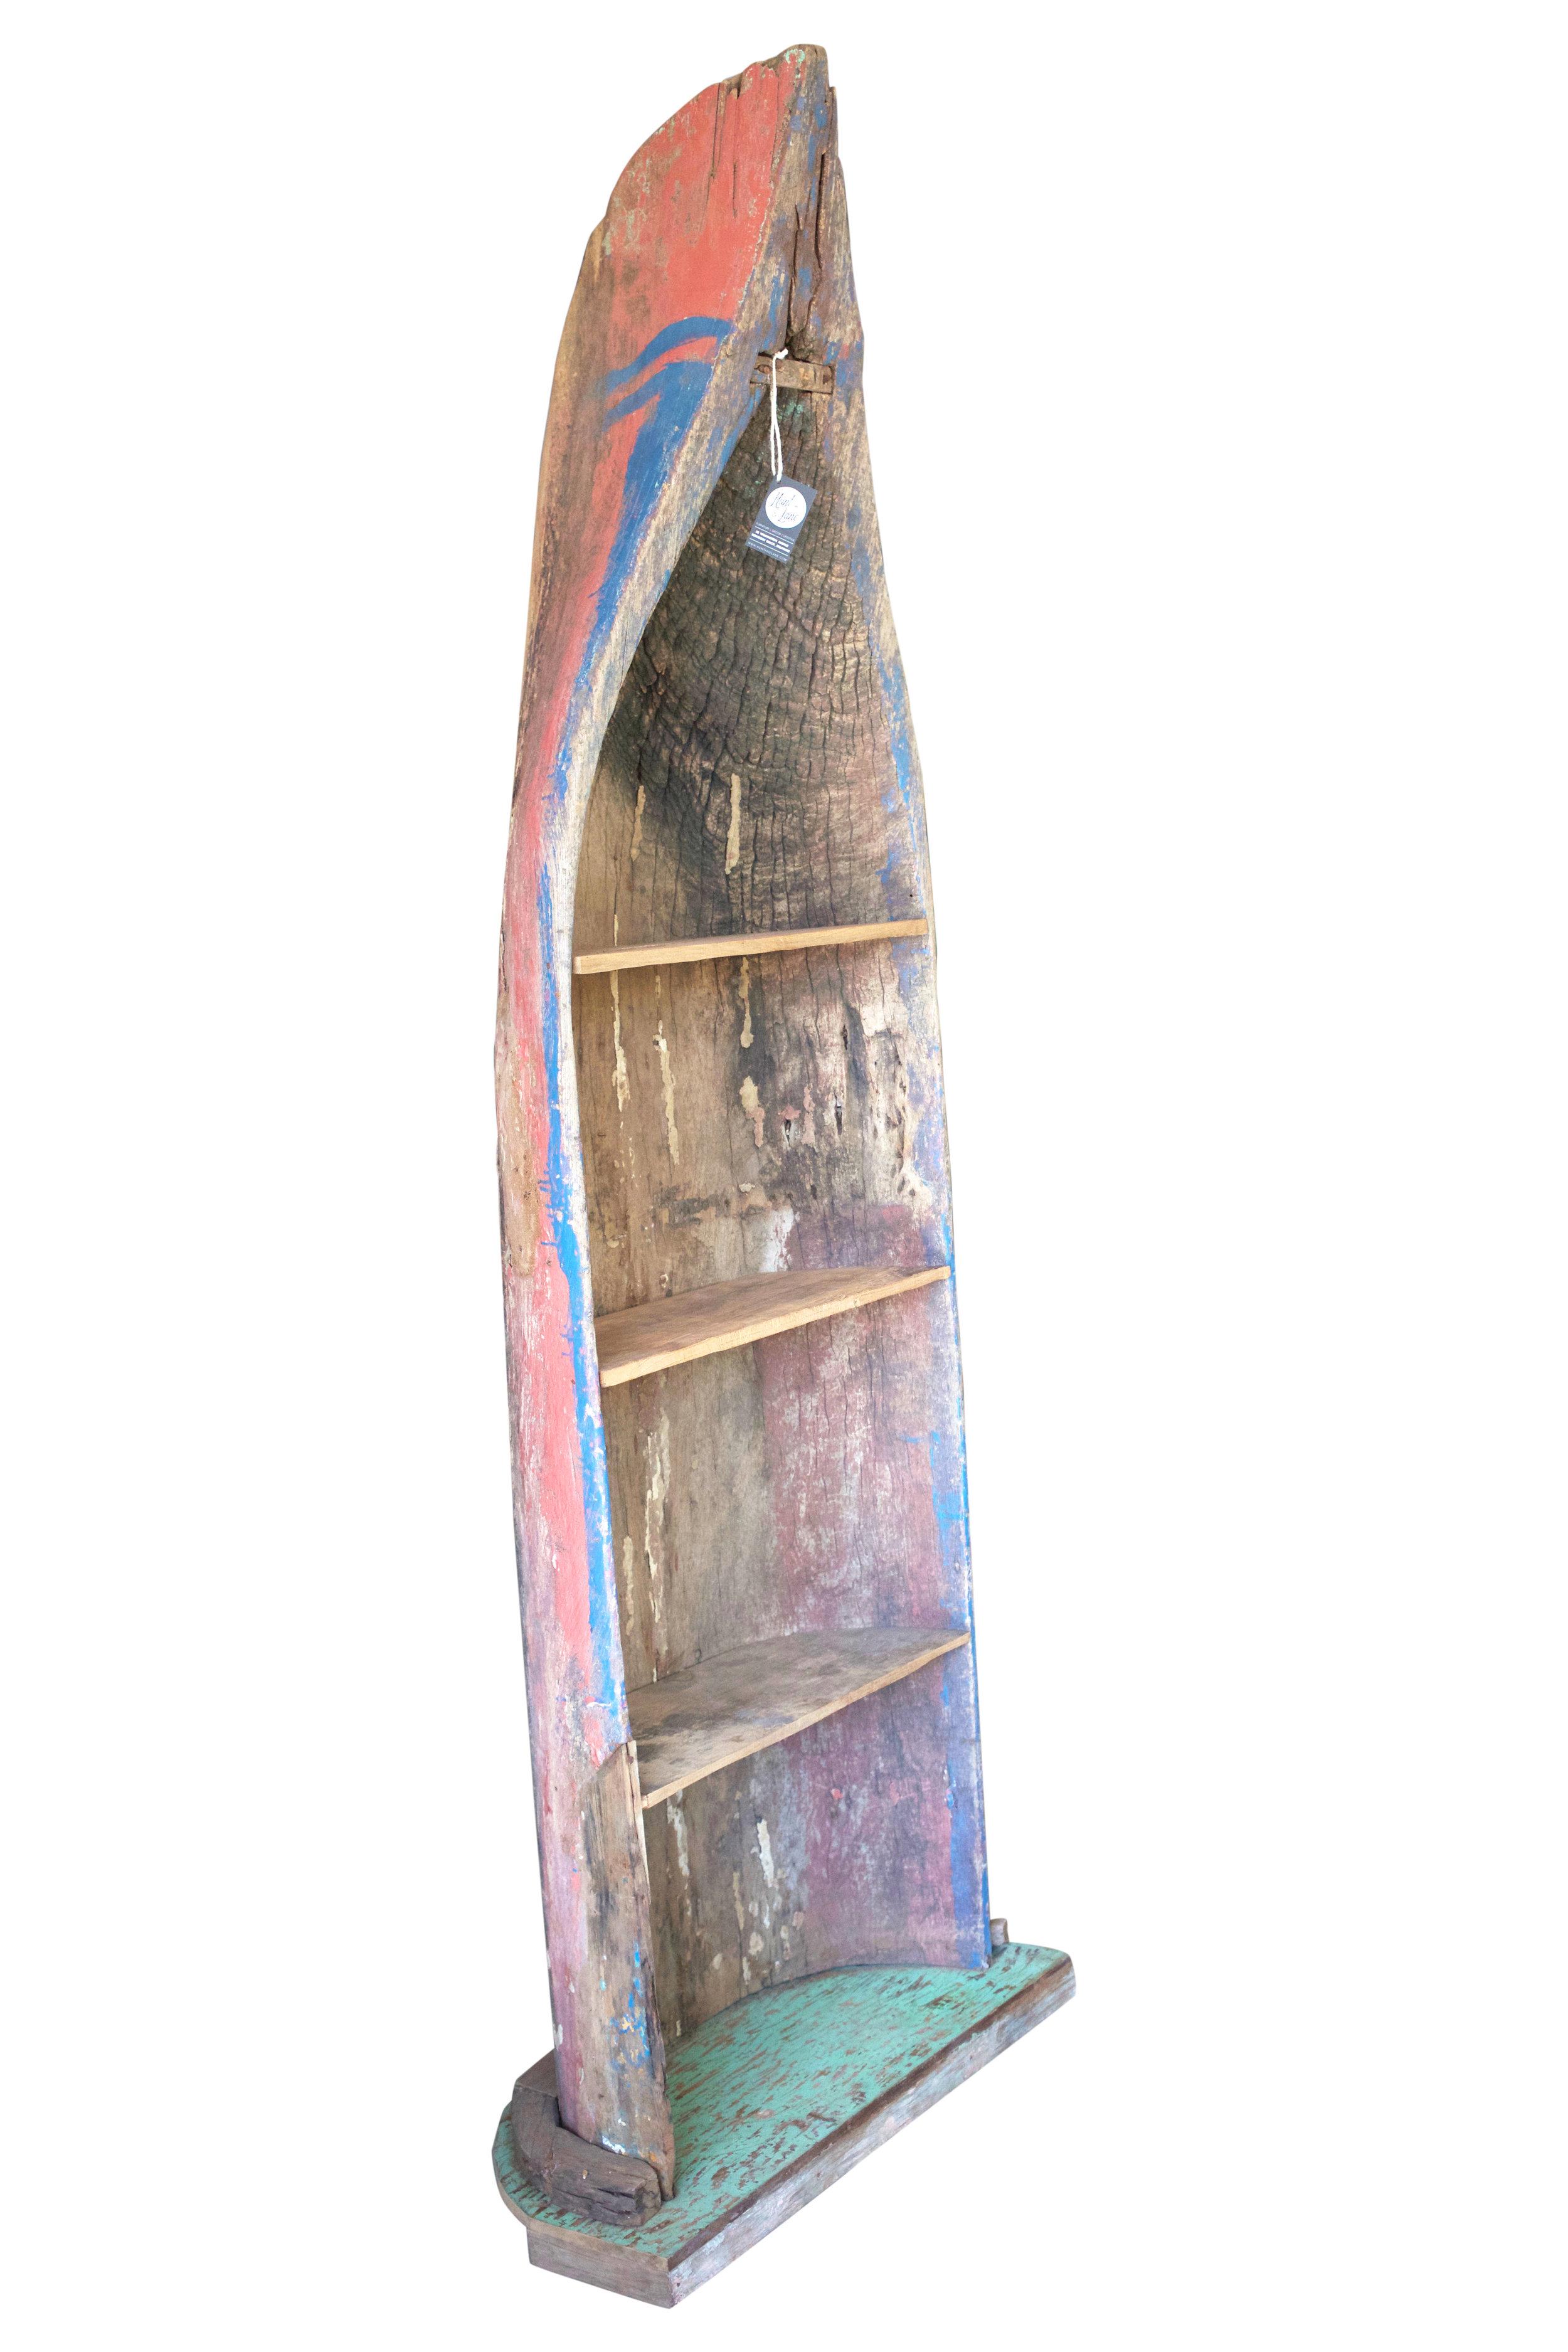 BoatShelf.2.jpg